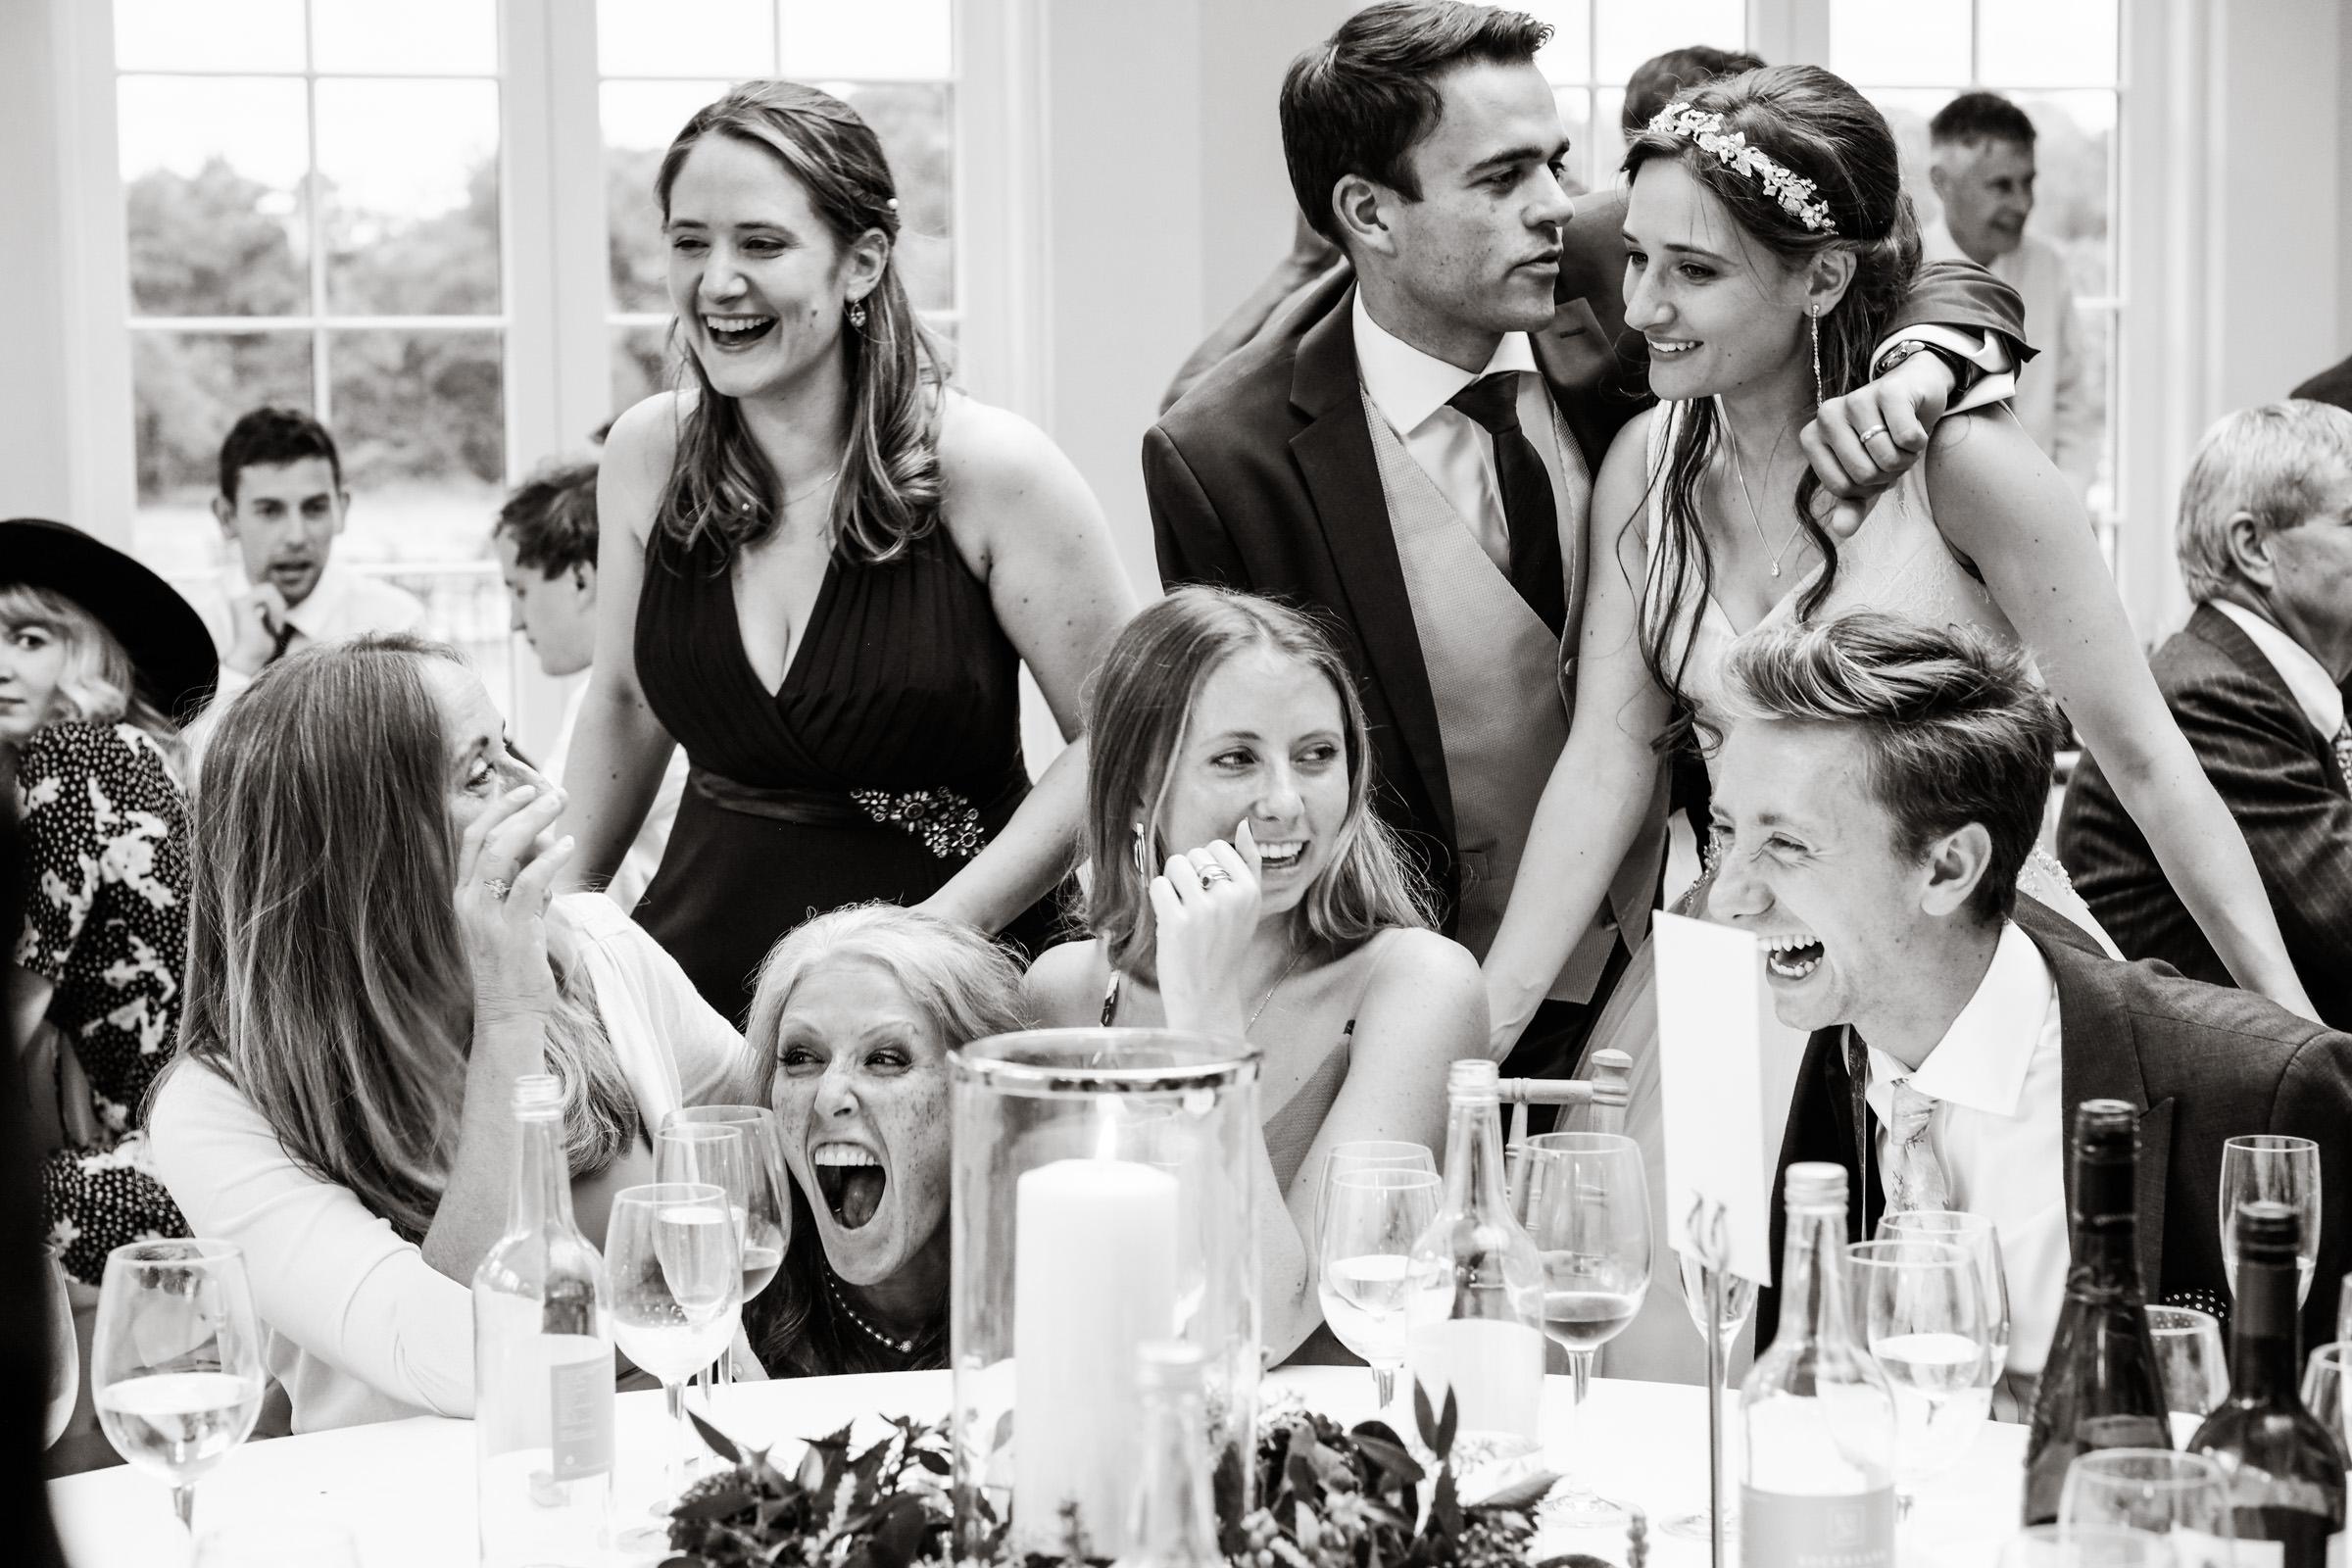 Rockbeare+Manor+Wedding+Photos+Devon+024.jpg